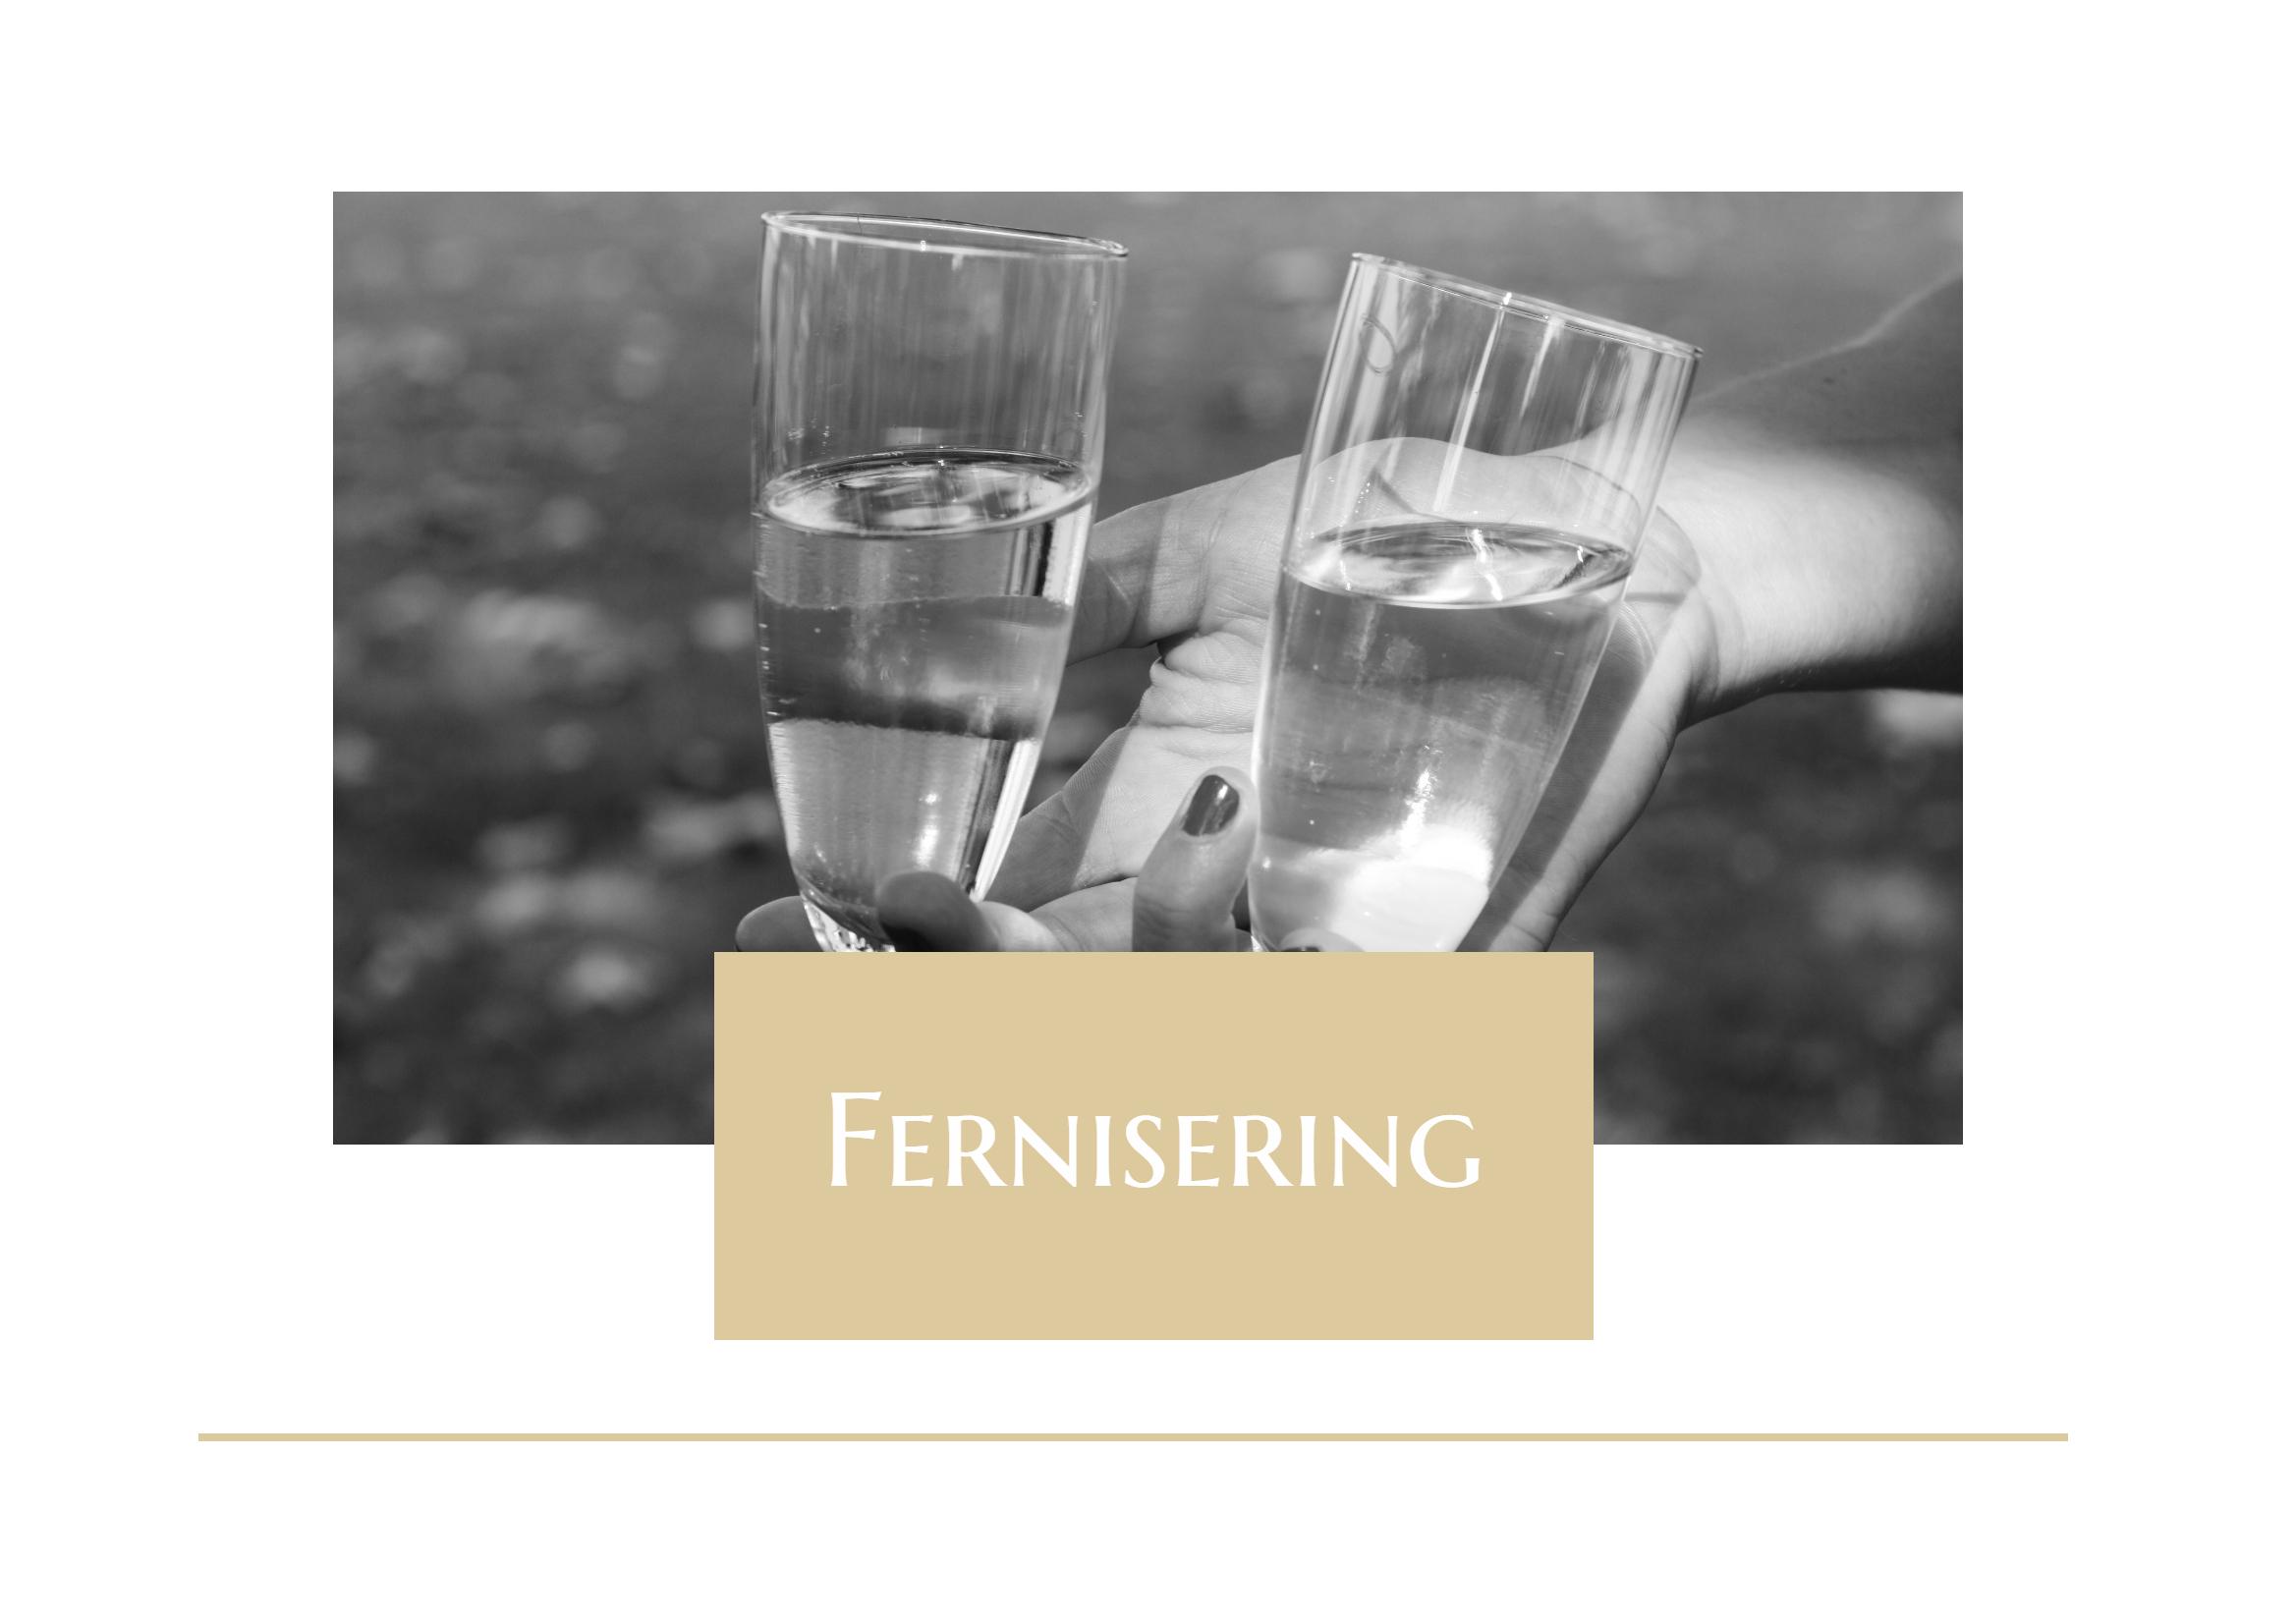 Fernisering